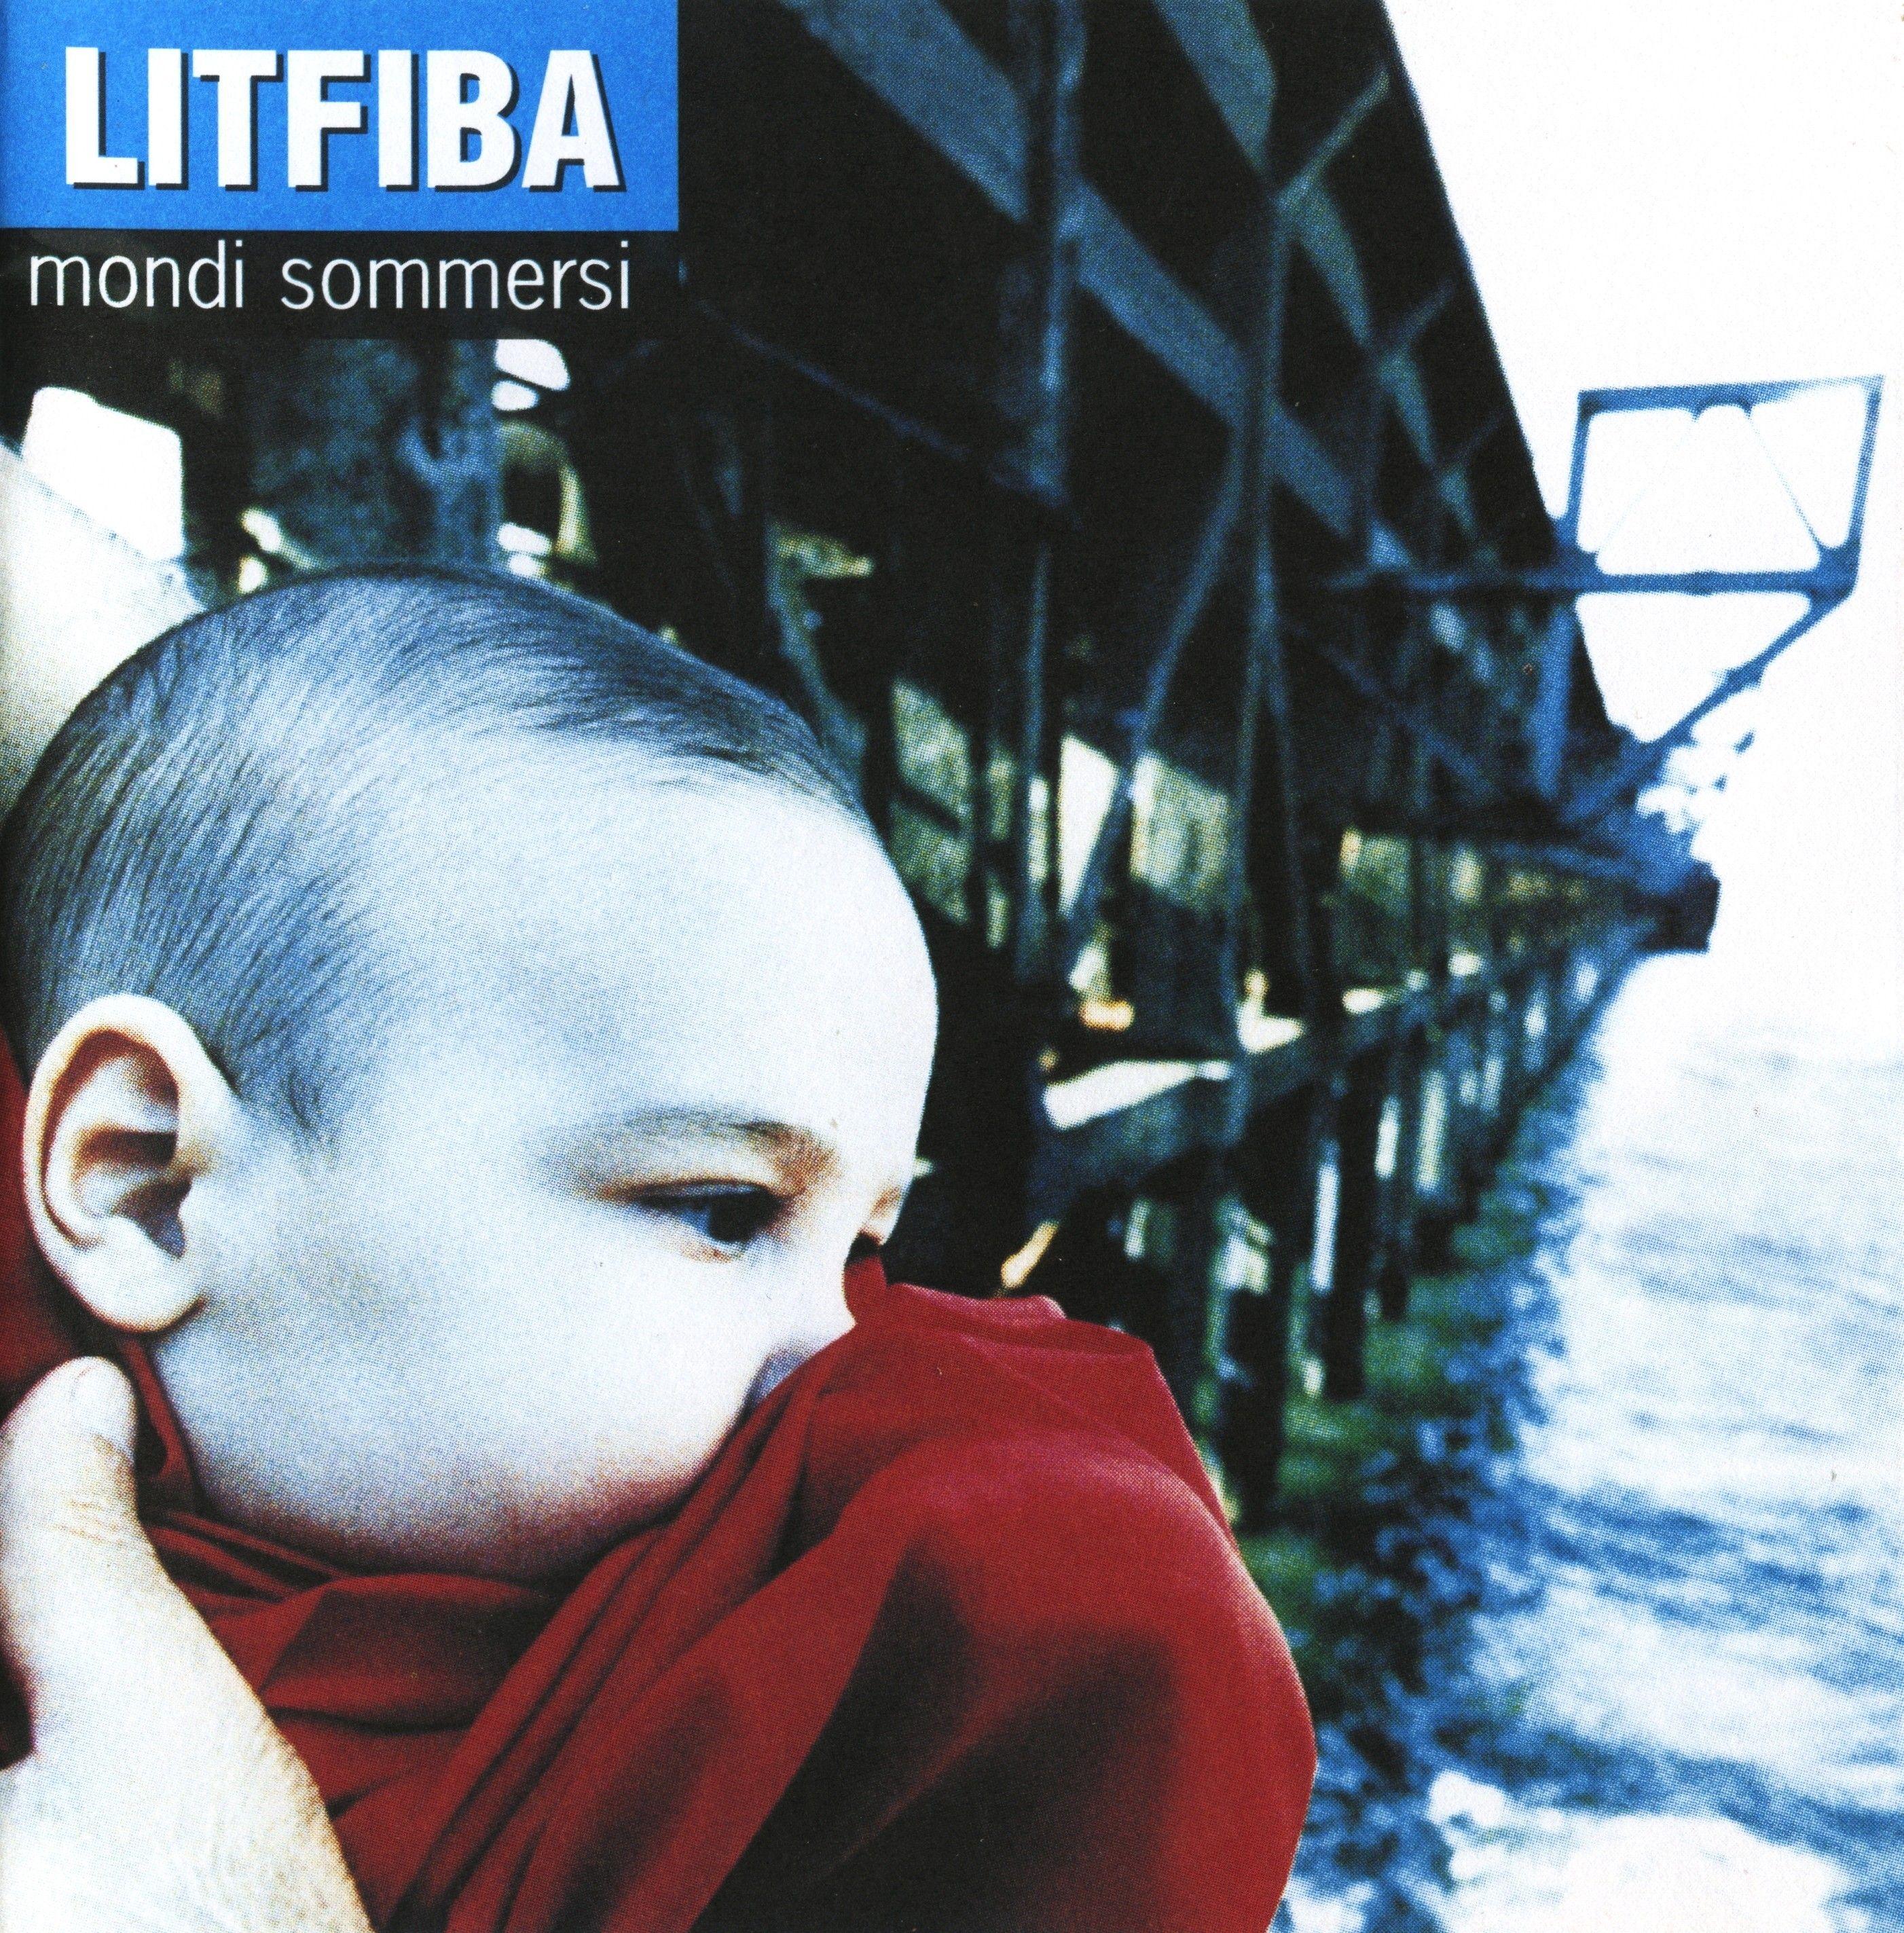 Litfiba - Mondi Sommersi album cover